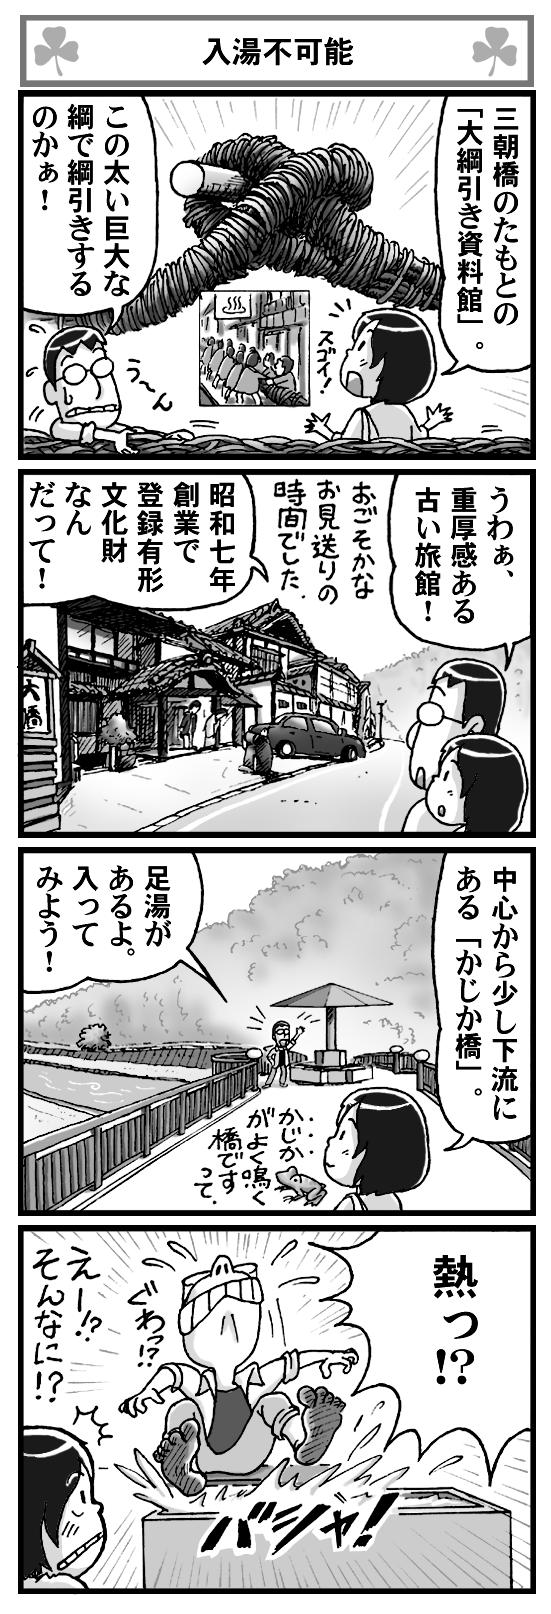 036ashiman.png